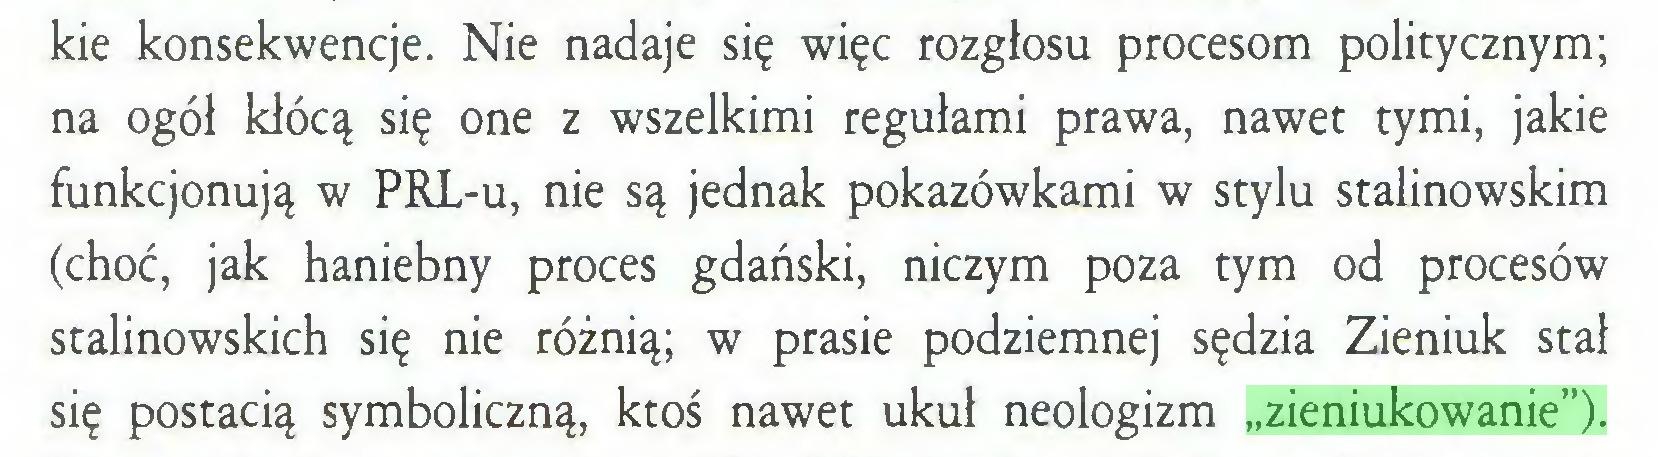 """(...) kie konsekwencje. Nie nadaje się więc rozgłosu procesom politycznym; na ogół kłócą się one z wszelkimi regułami prawa, nawet tymi, jakie funkcjonują w PRL-u, nie są jednak pokazówkami w stylu stalinowskim (choć, jak haniebny proces gdański, niczym poza tym od procesów stalinowskich się nie różnią; w prasie podziemnej sędzia Zieniuk stał się postacią symboliczną, ktoś nawet ukuł neologizm """"zieniukowanie"""")..."""